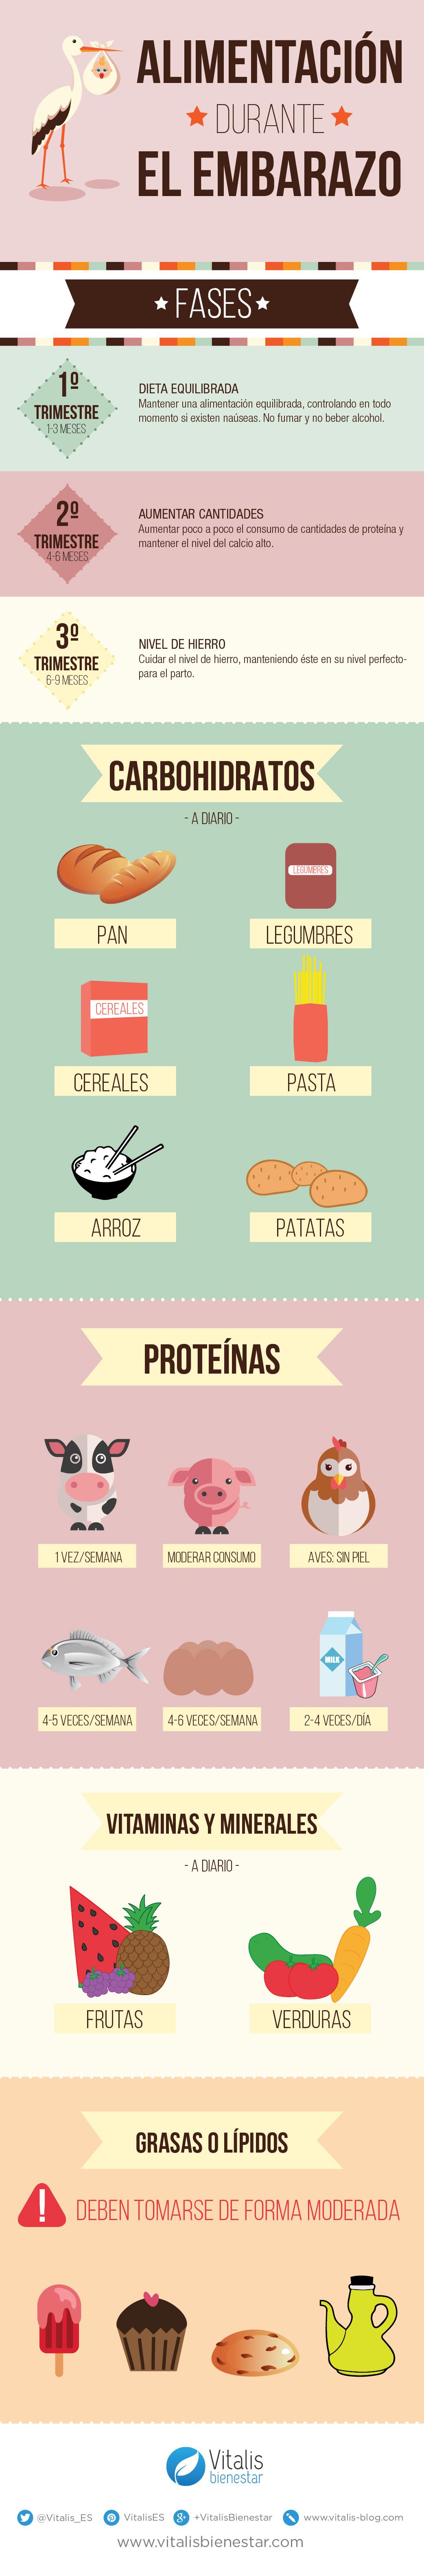 Vitalis bienestar alimentacion durante el embarazo